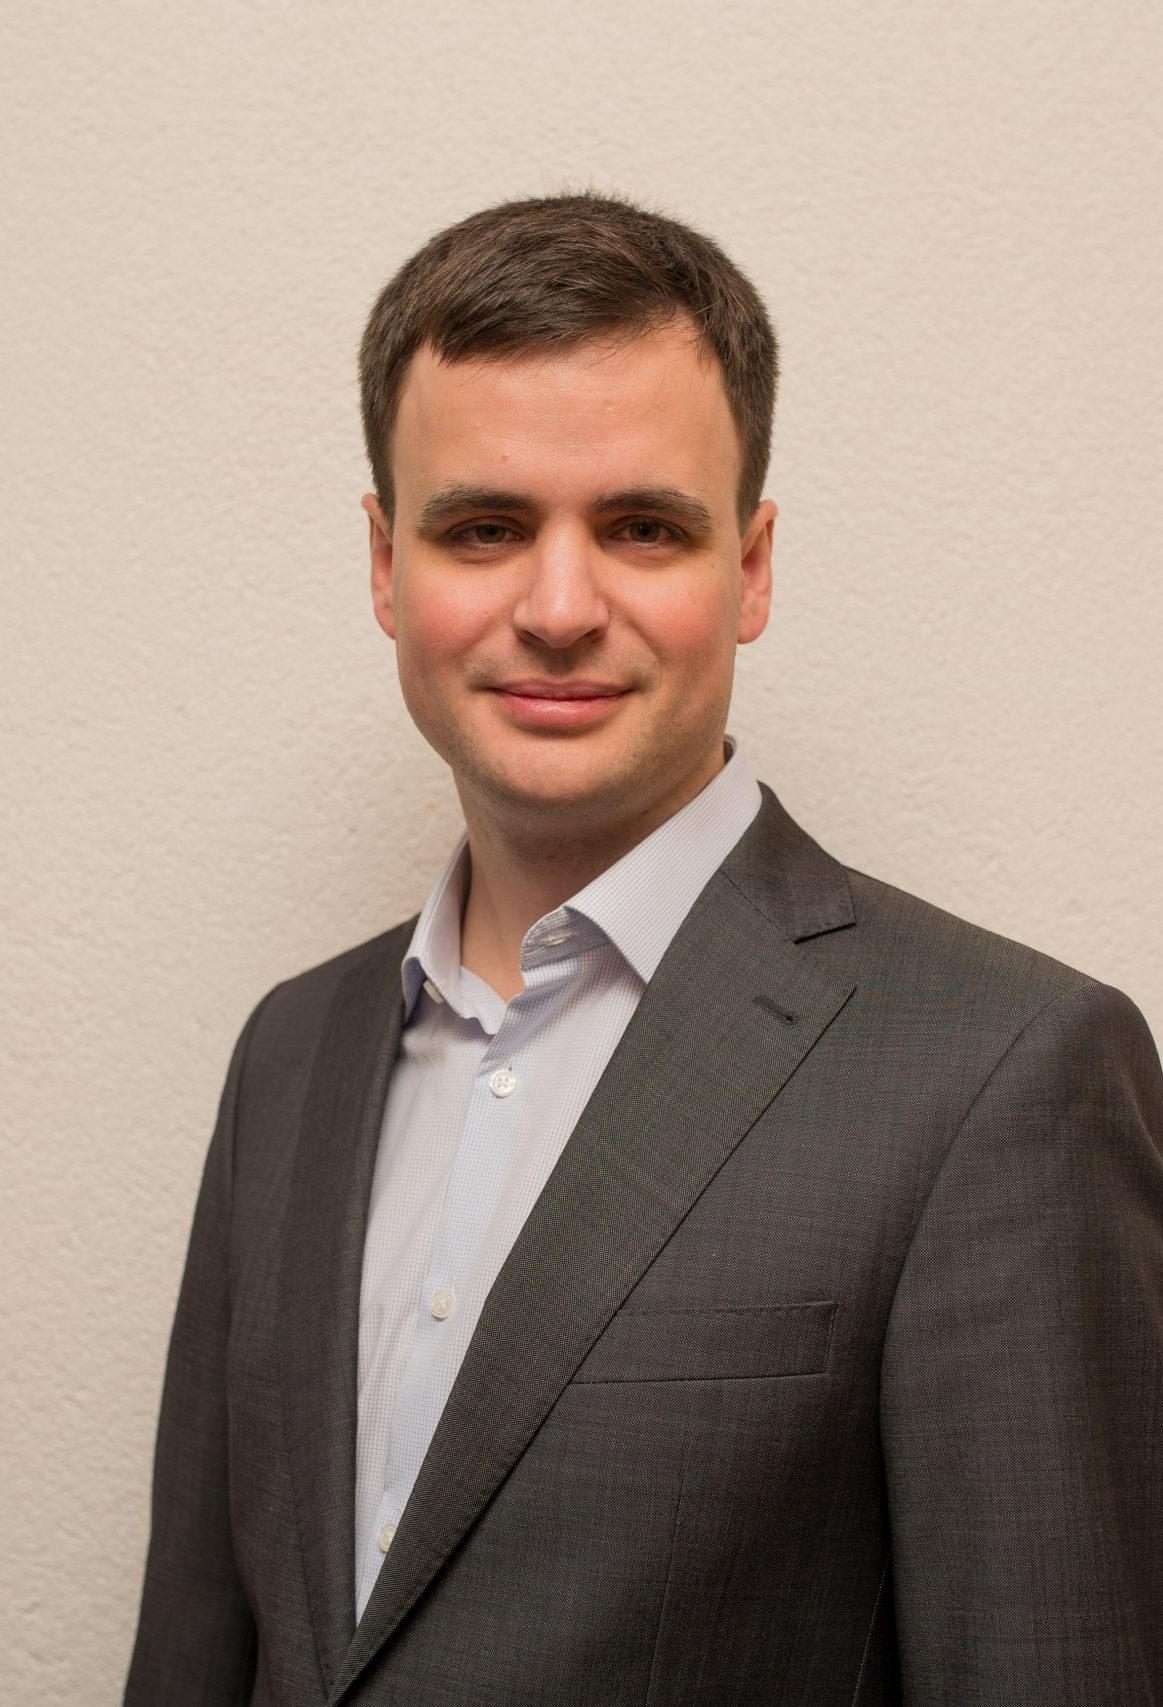 Rozhovor: Martin Krajhanzl, CFO Aspironixu, o práci, studiu na FPH a členství v Honors Academia